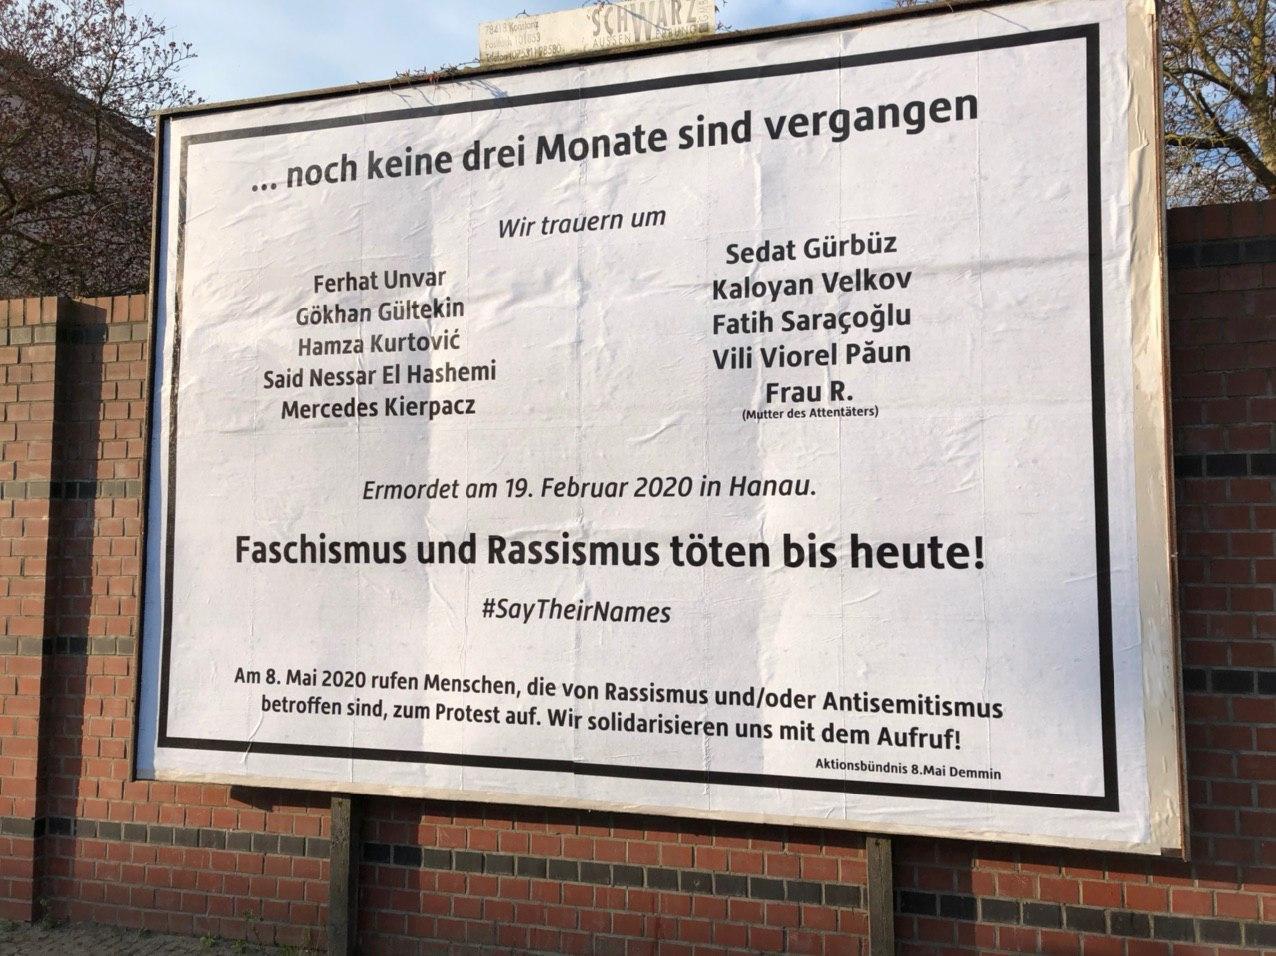 Plakatwand Noch keine 3 Monate sind vergangen... Wir trauern um Ferhat Unvar, Gökhan Gültekin, Hamza Kurtovic, Said Nessar El Hashemi, Mercedes Kierpakz, Sedat Gürbütz, Kaloyan Velkov, Fatih Sarakoglu, Vili Viorel Paun, Frau R. (Mutter des Attentäters). Ermordet am 19. Februar 2020 in Hanau. Faschismus und Rassismus töten bis heute! #SayTheirNames Am 8. Mai 2020 rufen Menschen, die von Rassismus und/oder Antisemitismus betroffen sind, zum Protest auf. Wir solidarisieren uns mit dem Aufruf! Aktionsbündnis 8. Mai Demmin